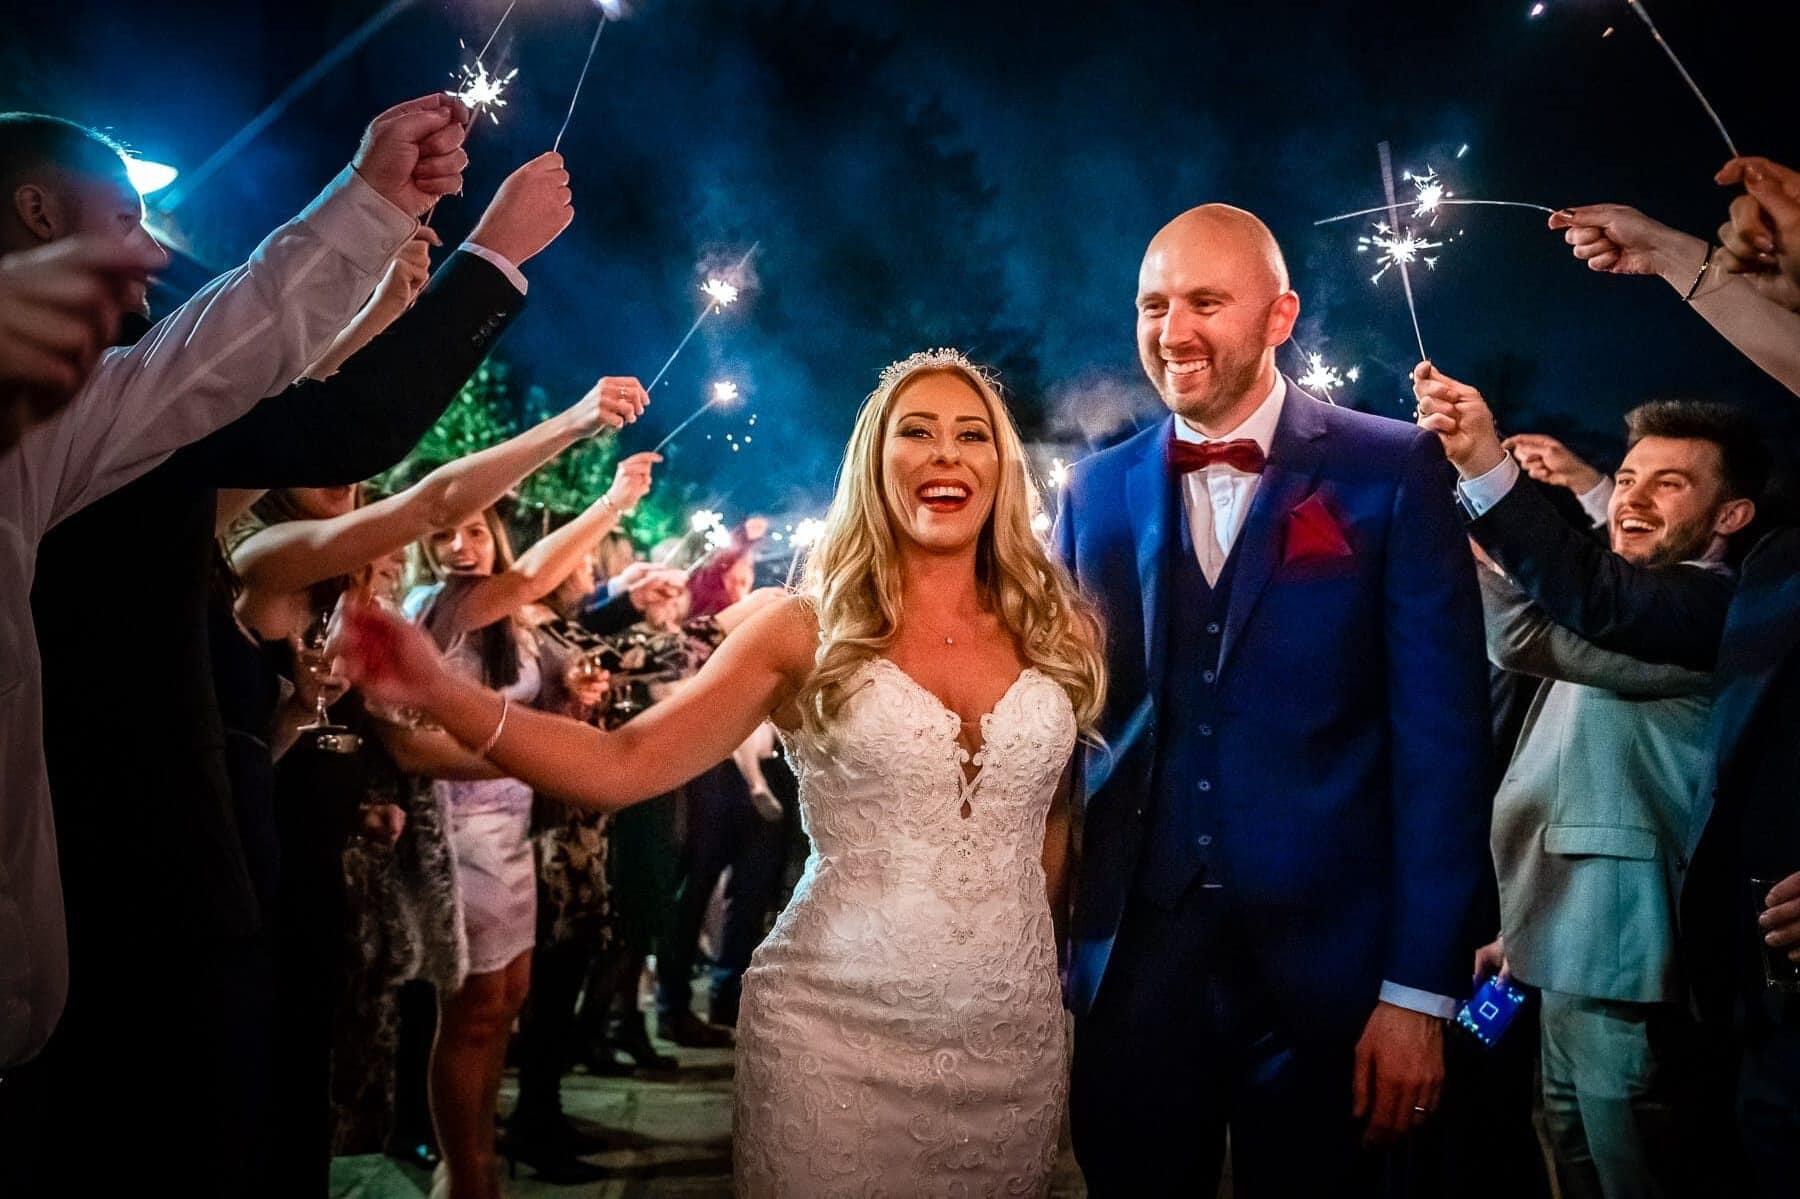 Hampshire Wedding Photographer 9952 1800 edited